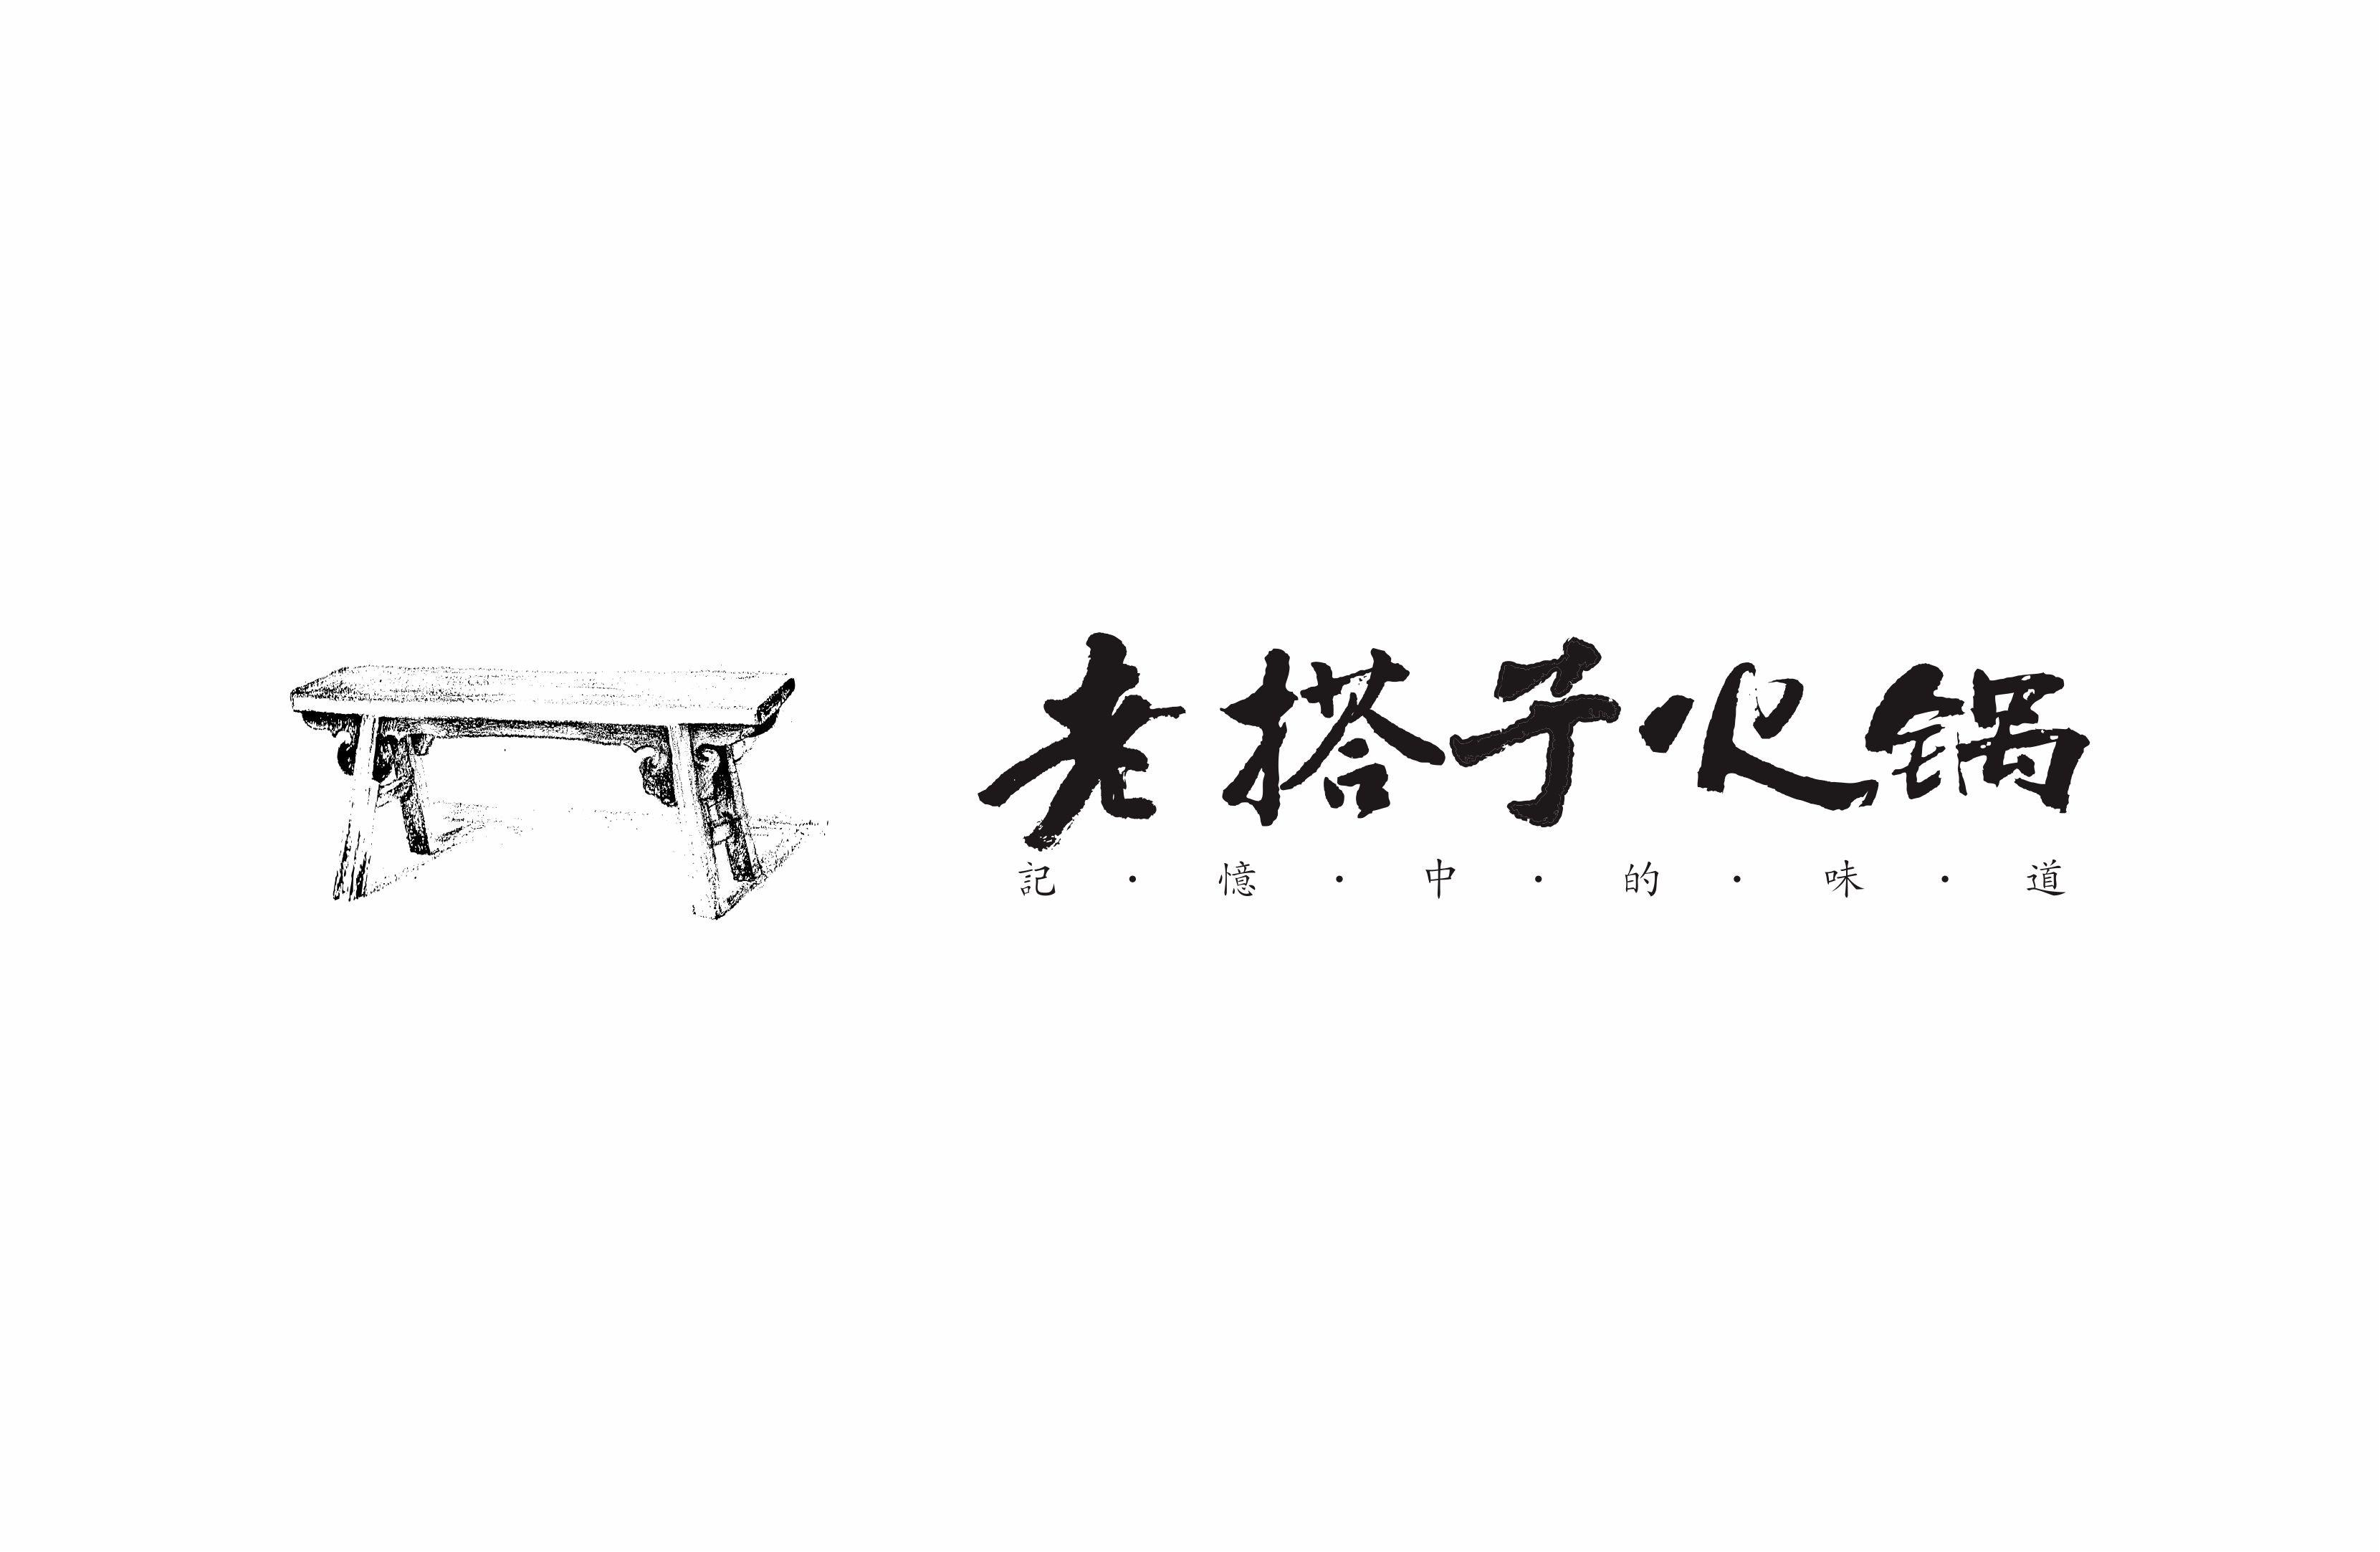 老塔子火锅-品牌VI设计